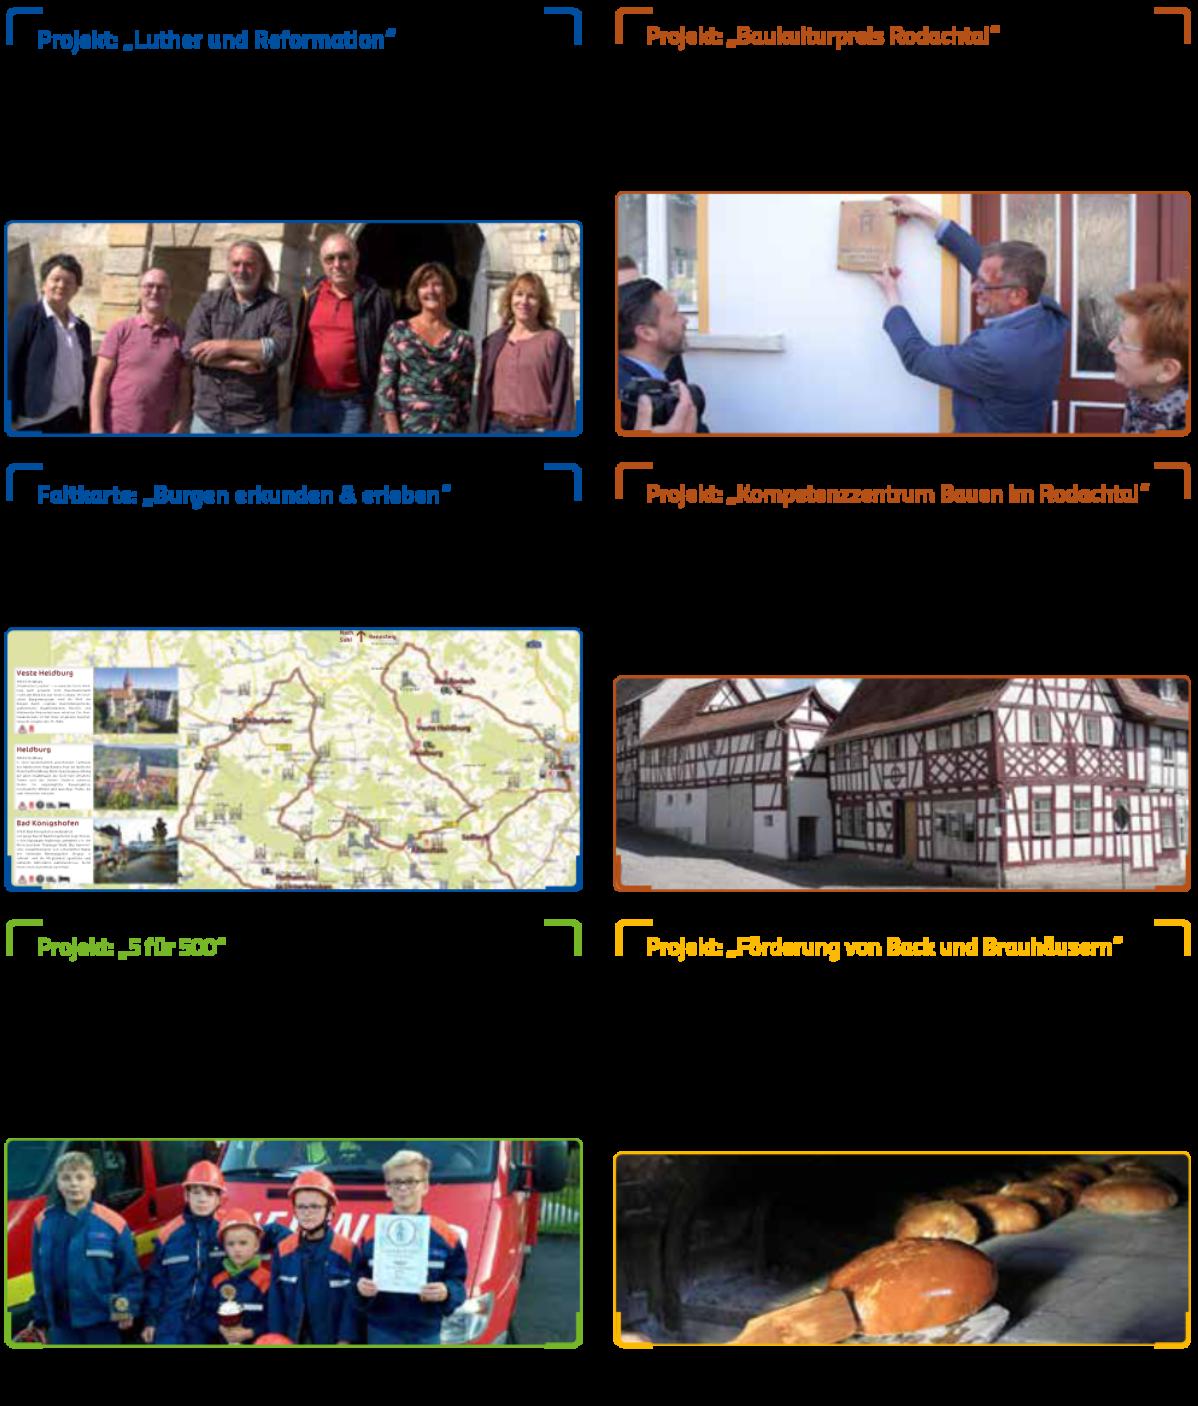 Projekte Rodachtal